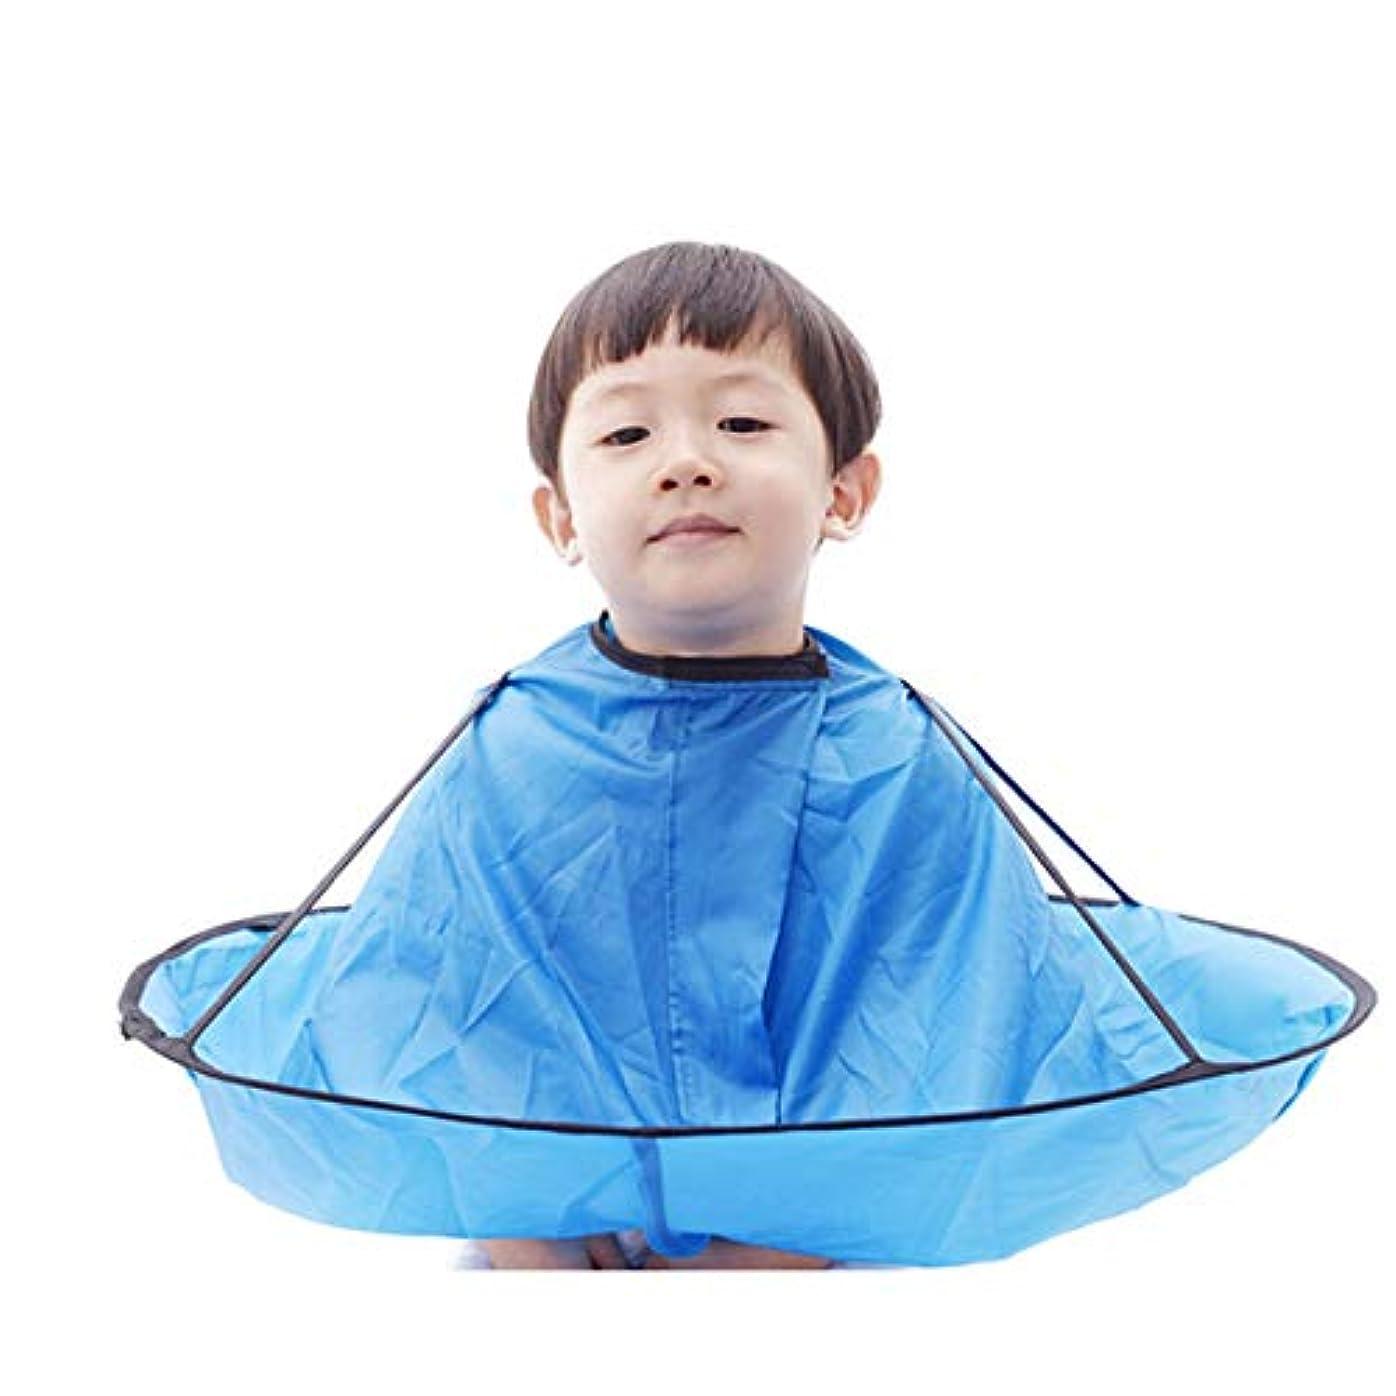 事オーナー簡単な子供 散髪ケープ ヘアエプロン 散髪マント 刈布 ケープ 散髪道具 防水 (青)